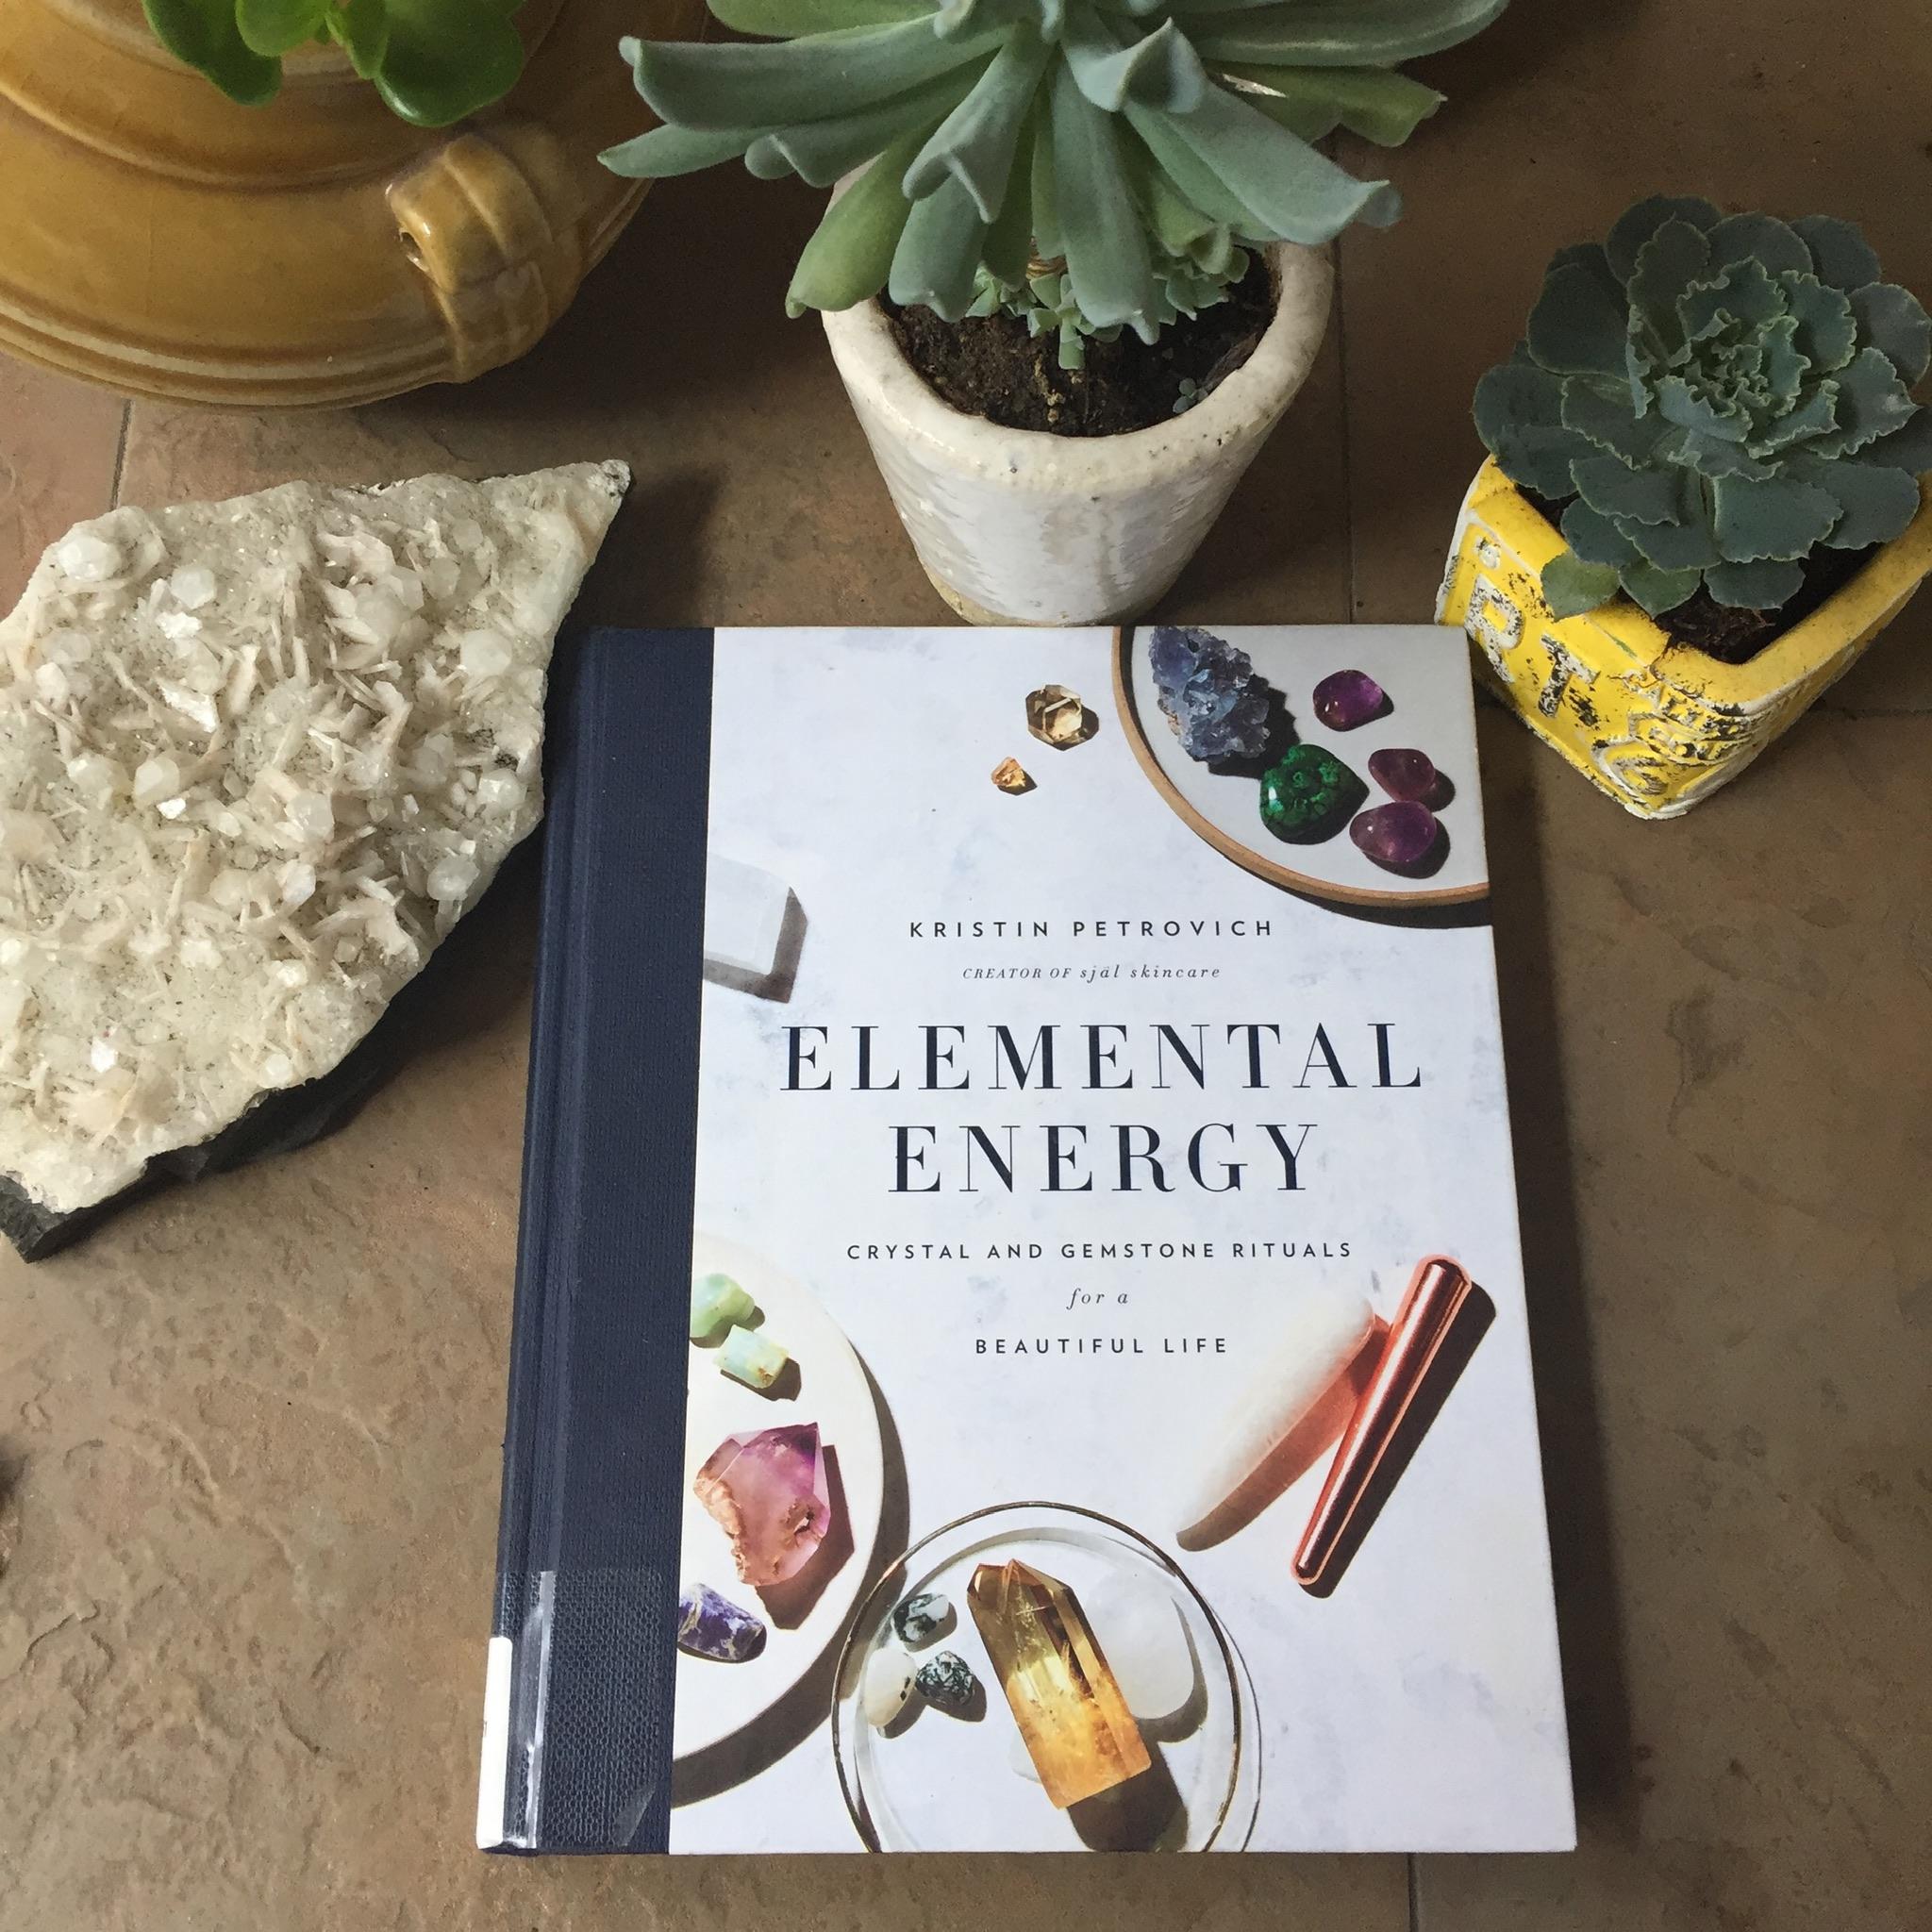 Elemental_Energy_book.JPG